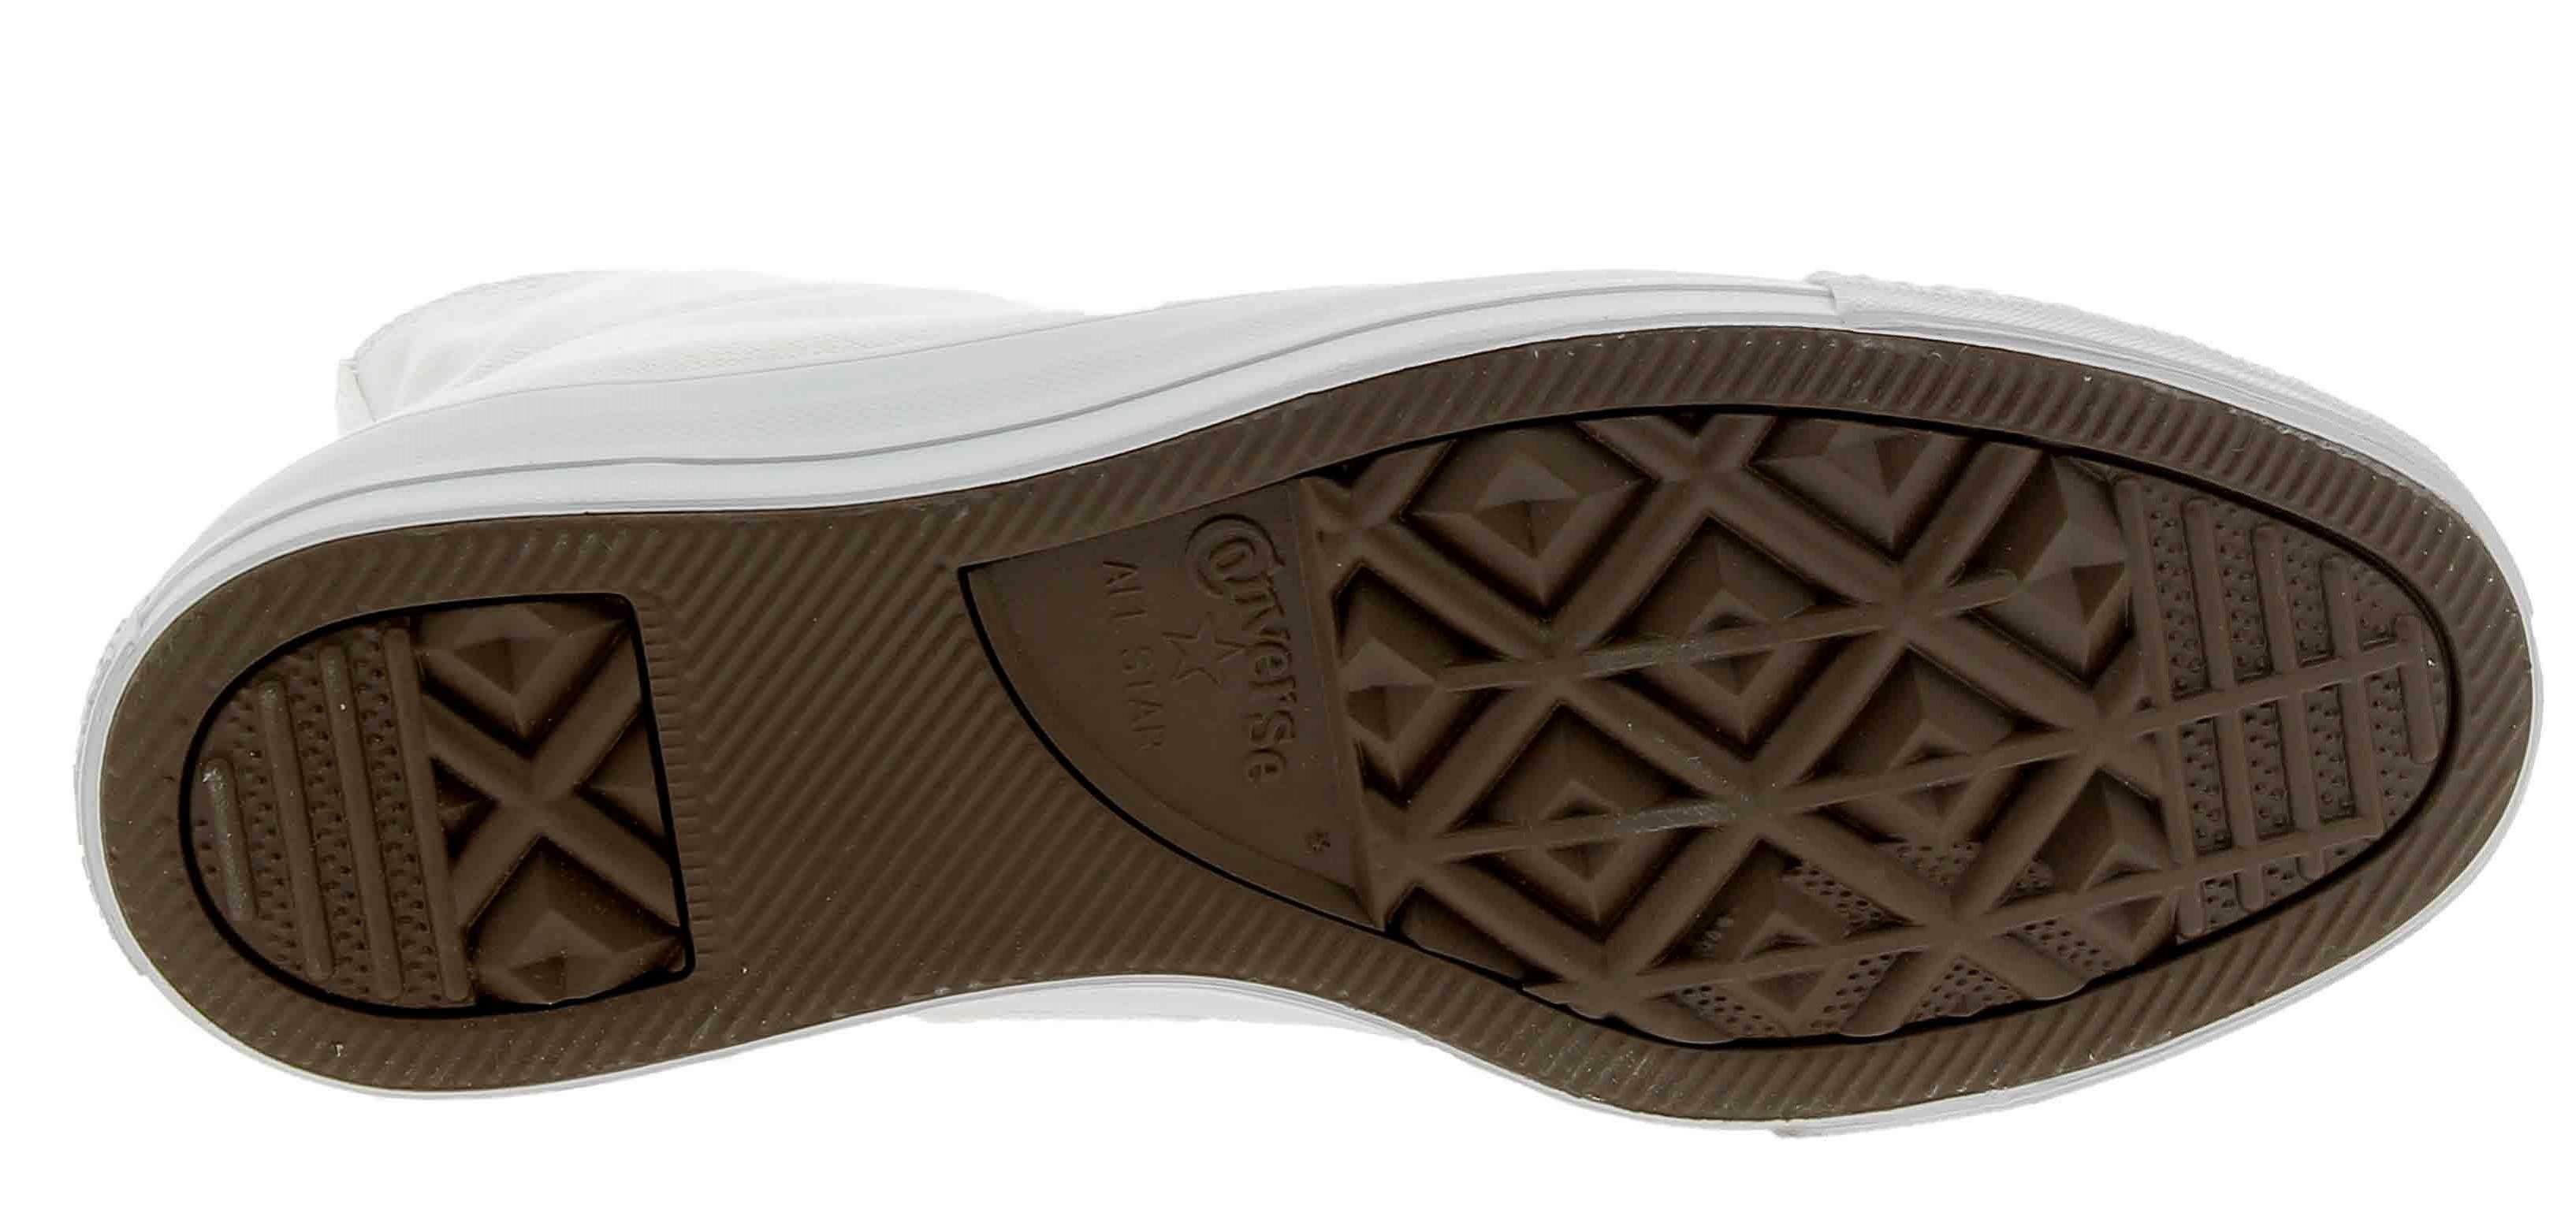 converse converse ctas sp scarpe sportive bianche tela 1u646